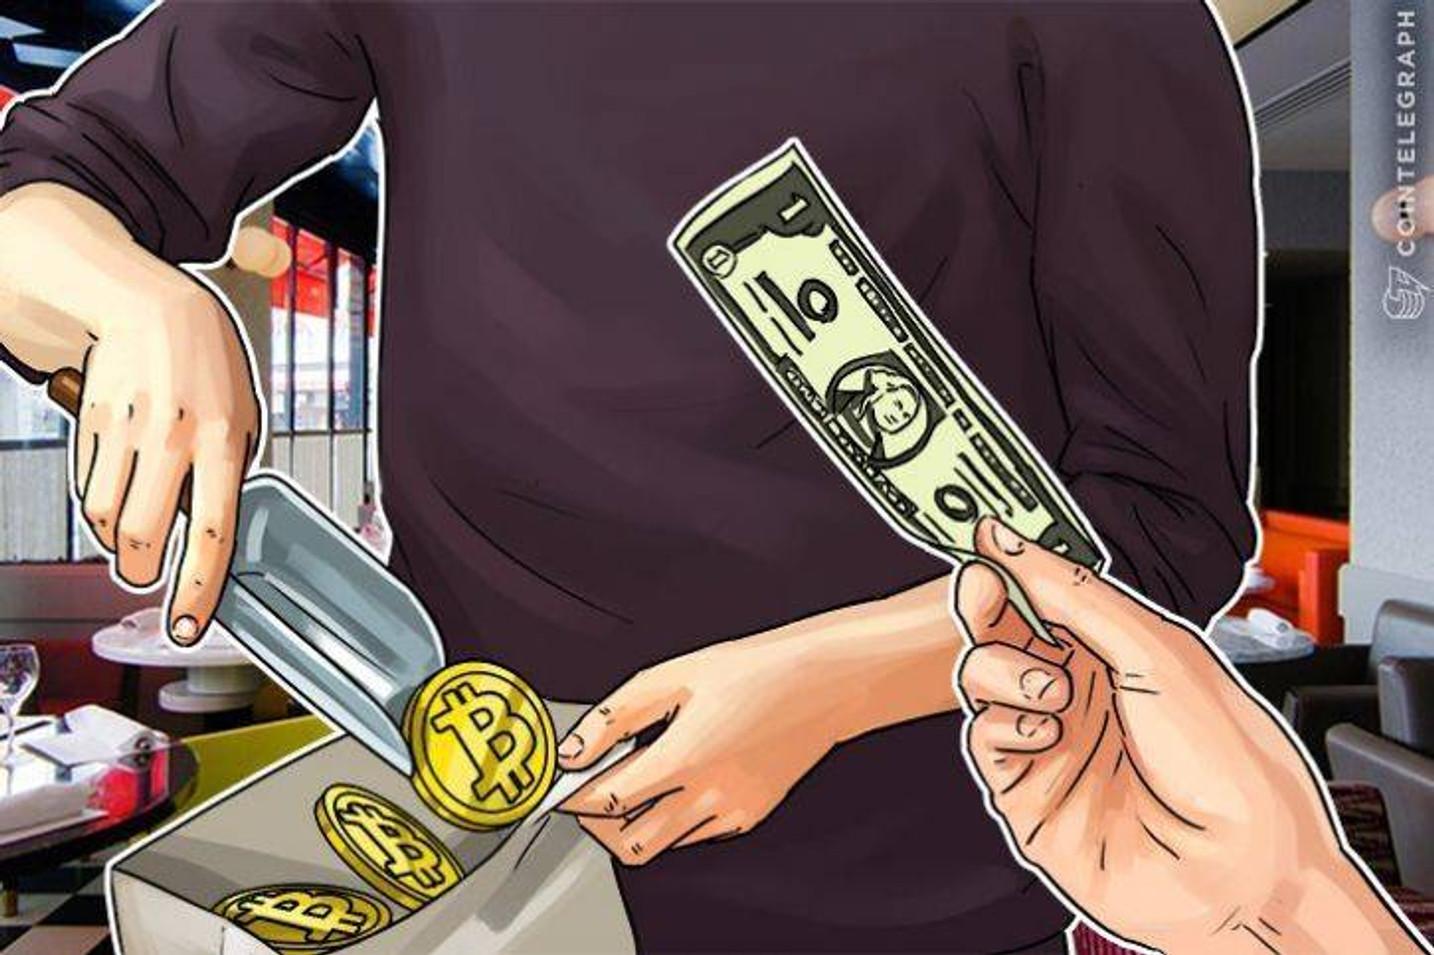 Leitender Wissenschaftler aus Quebec: Bitcoin ist kein Werkzeug für illegale Transaktionen